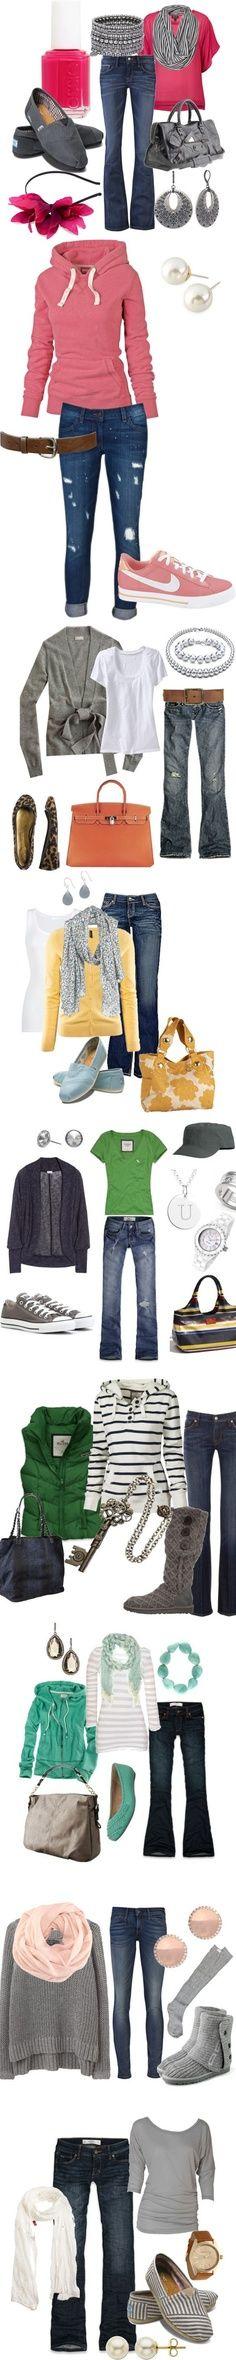 Cute clothes comfy